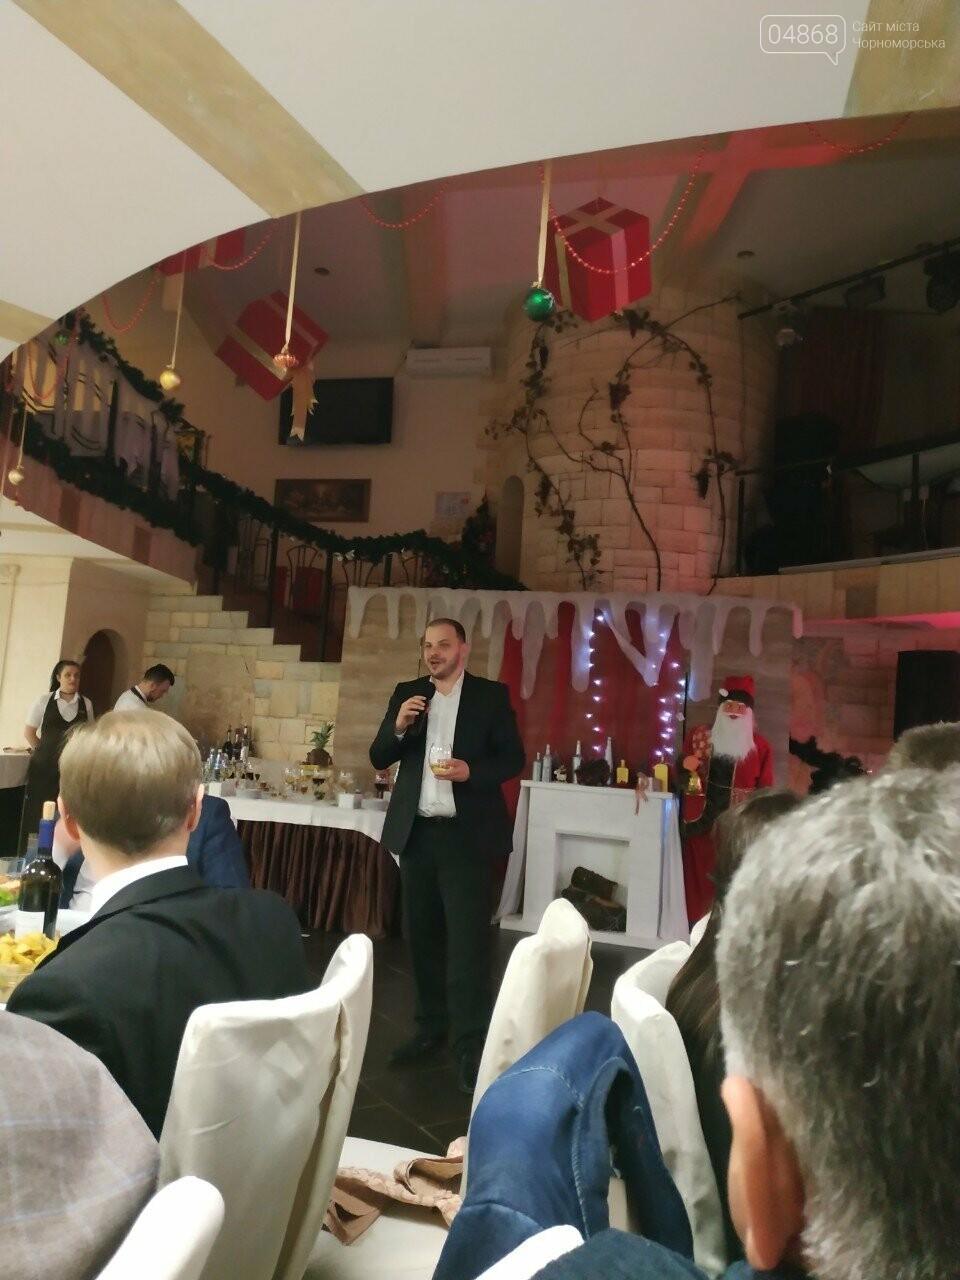 Руководство Ильичевского судоремонтного завода поздравляет с наступающими праздниками, фото-9